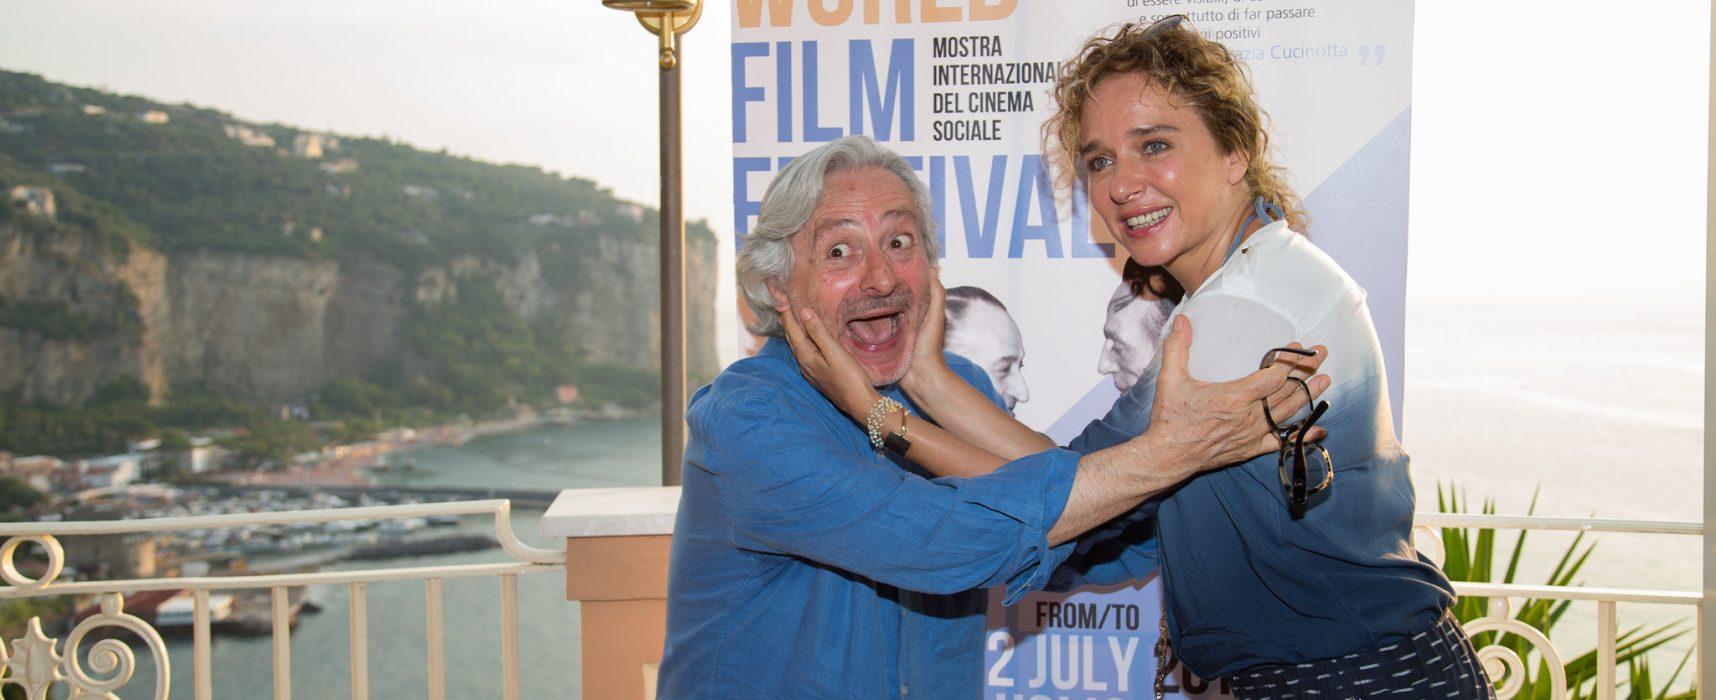 Social World Film Festival è magia